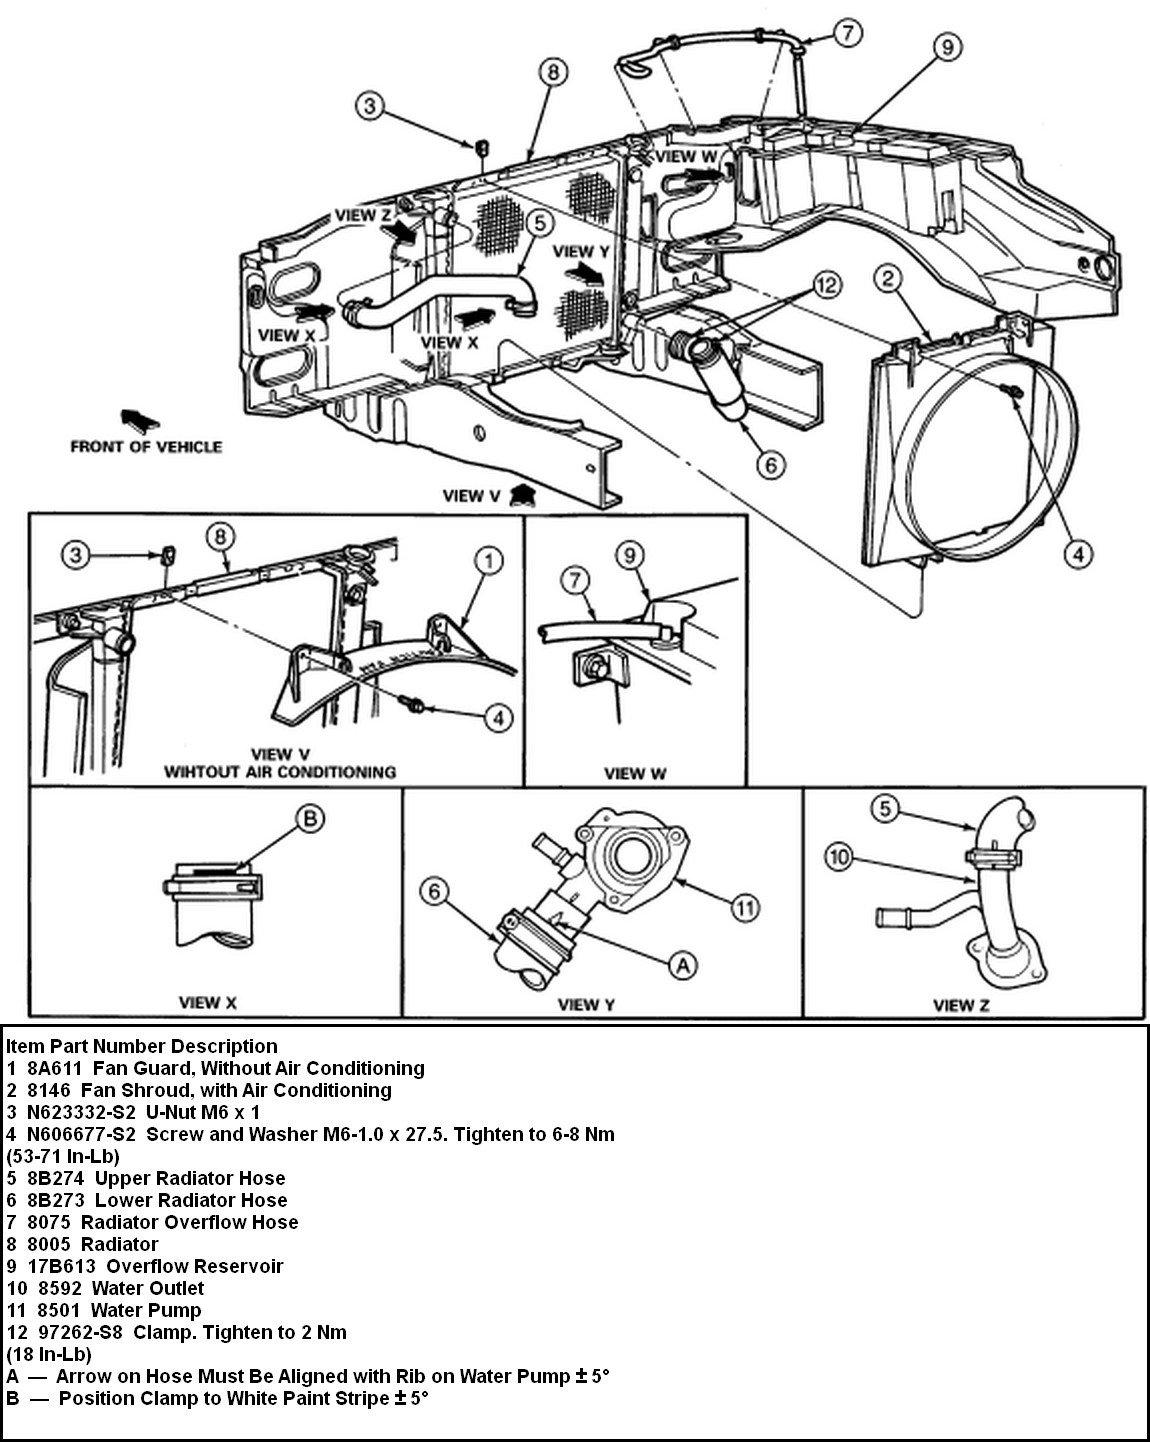 2003 ford ranger 2.3 engine diagram